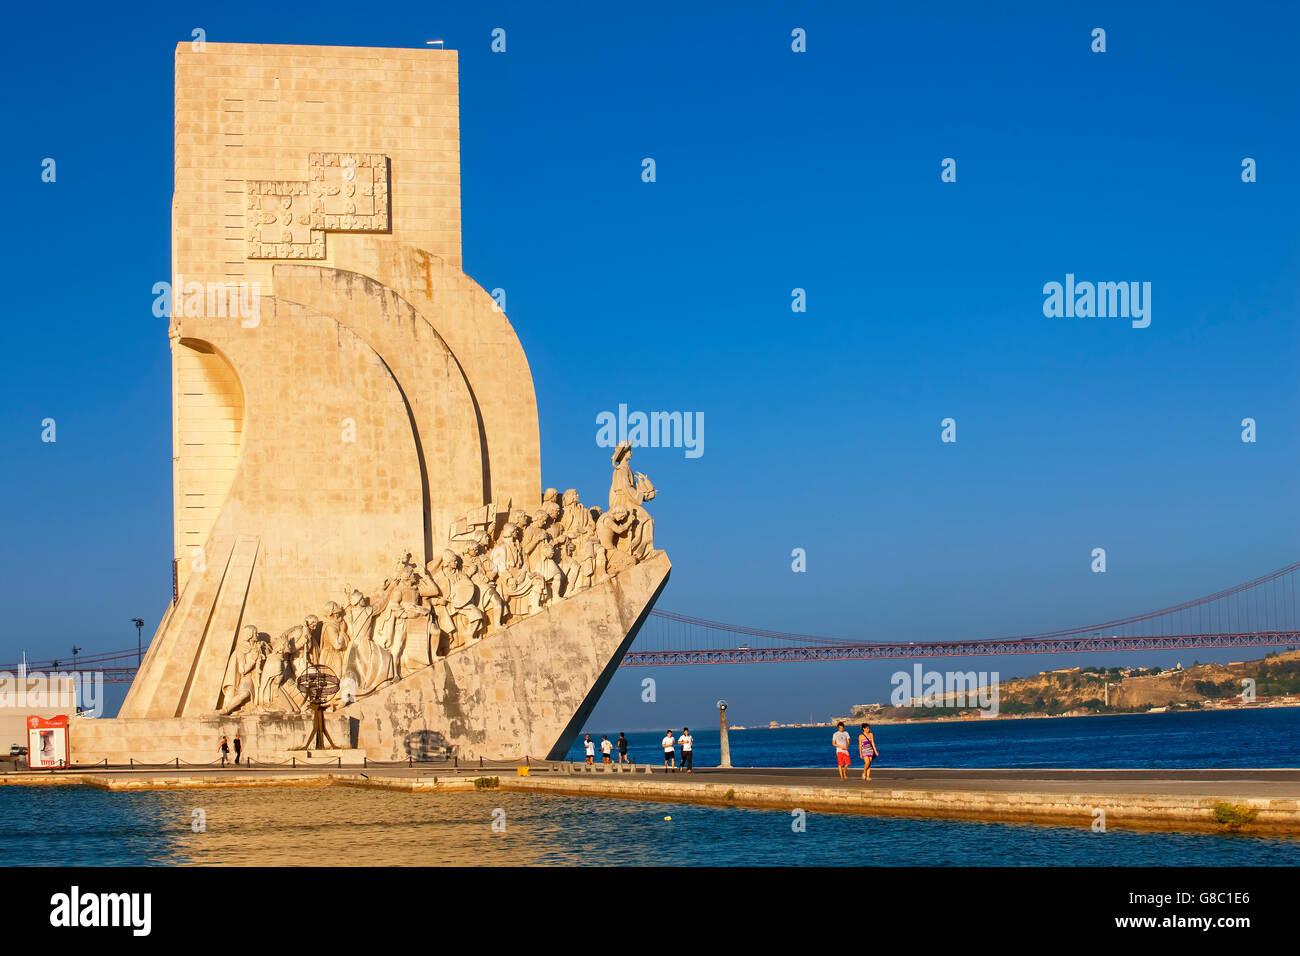 Das Denkmal der Entdeckungen in Belem, Lissabon Stockbild